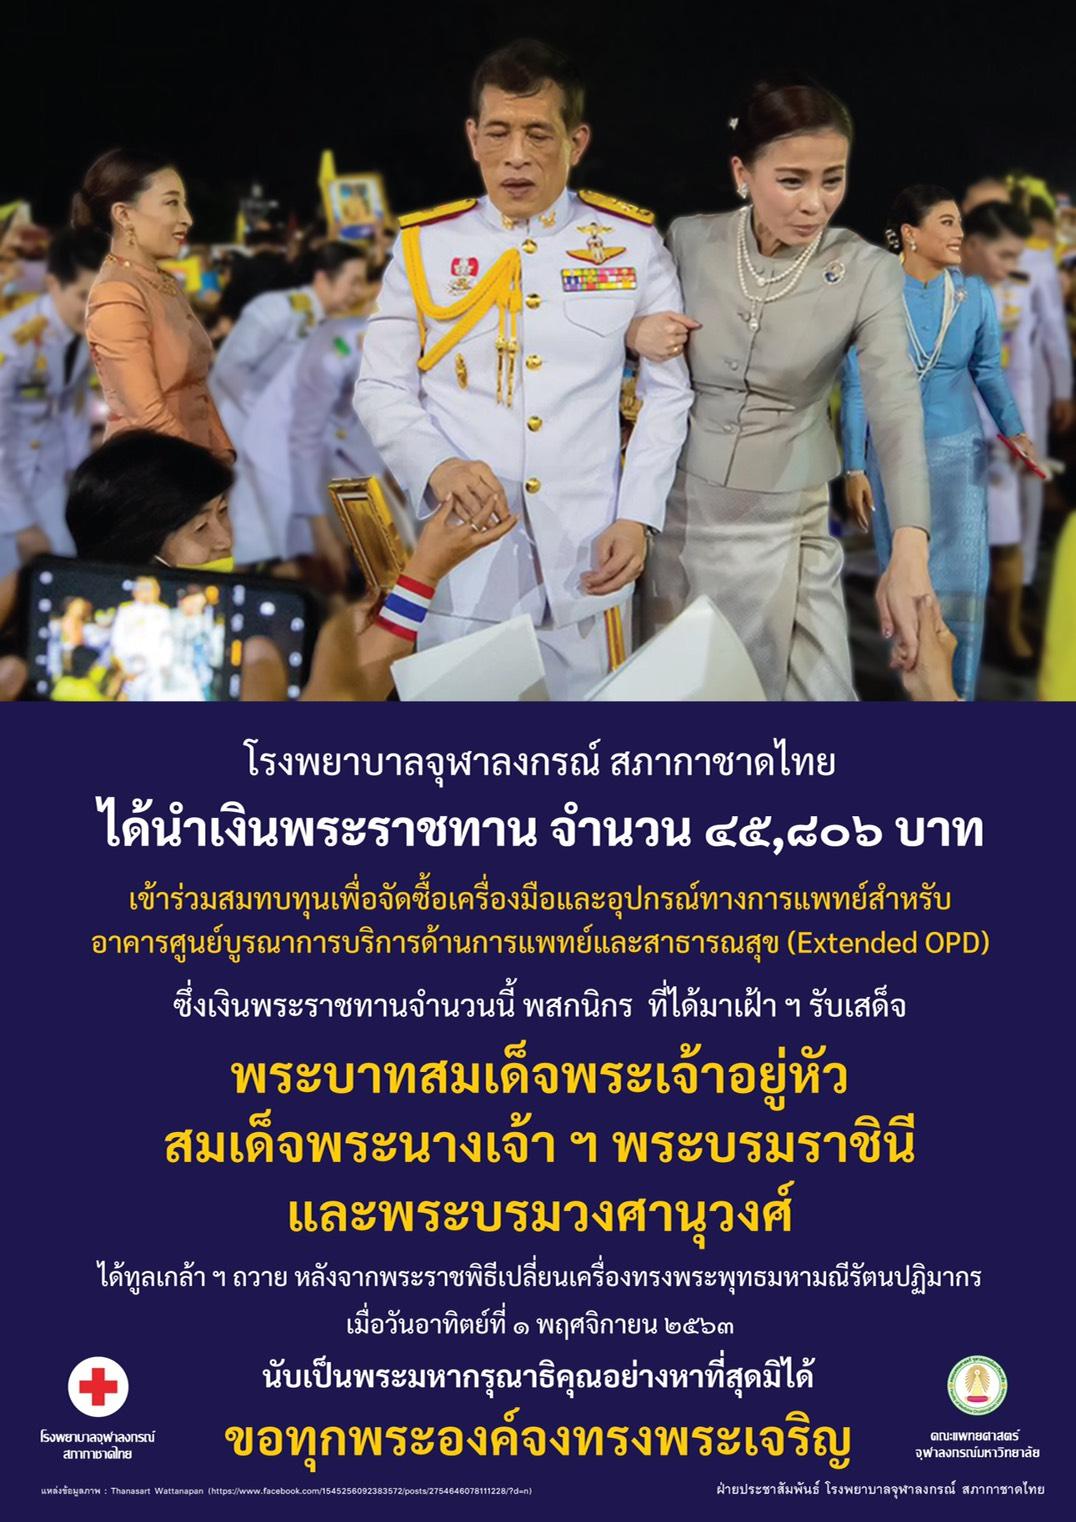 โรงพยาบาลจุฬาลงกรณ์ สภากาชาดไทย ได้นำเงินพระราชทาน จำนวน ๔๕,๘๐๖ บาท เข้าร่วมสมทบทุนเพื่อจัดซื้อเครื่องมือและอุปกรณ์ทางการแพทย์สำหรับอาคารศูนย์บูรณาการบริการด้านการแพทย์และสาธารณสุข (Extended OPD) ซึ่งเงินพระราชทานจำนวนนี้ พสกนิกร ที่ได้มาเฝ้า ๆ รับเสด็จพระบาทสมเด็จพระเจ้าอยู่หัว สมเด็จพระนางเจ้า ฯ พระบรมราชินี และพระบรมวงศานุวงศ์